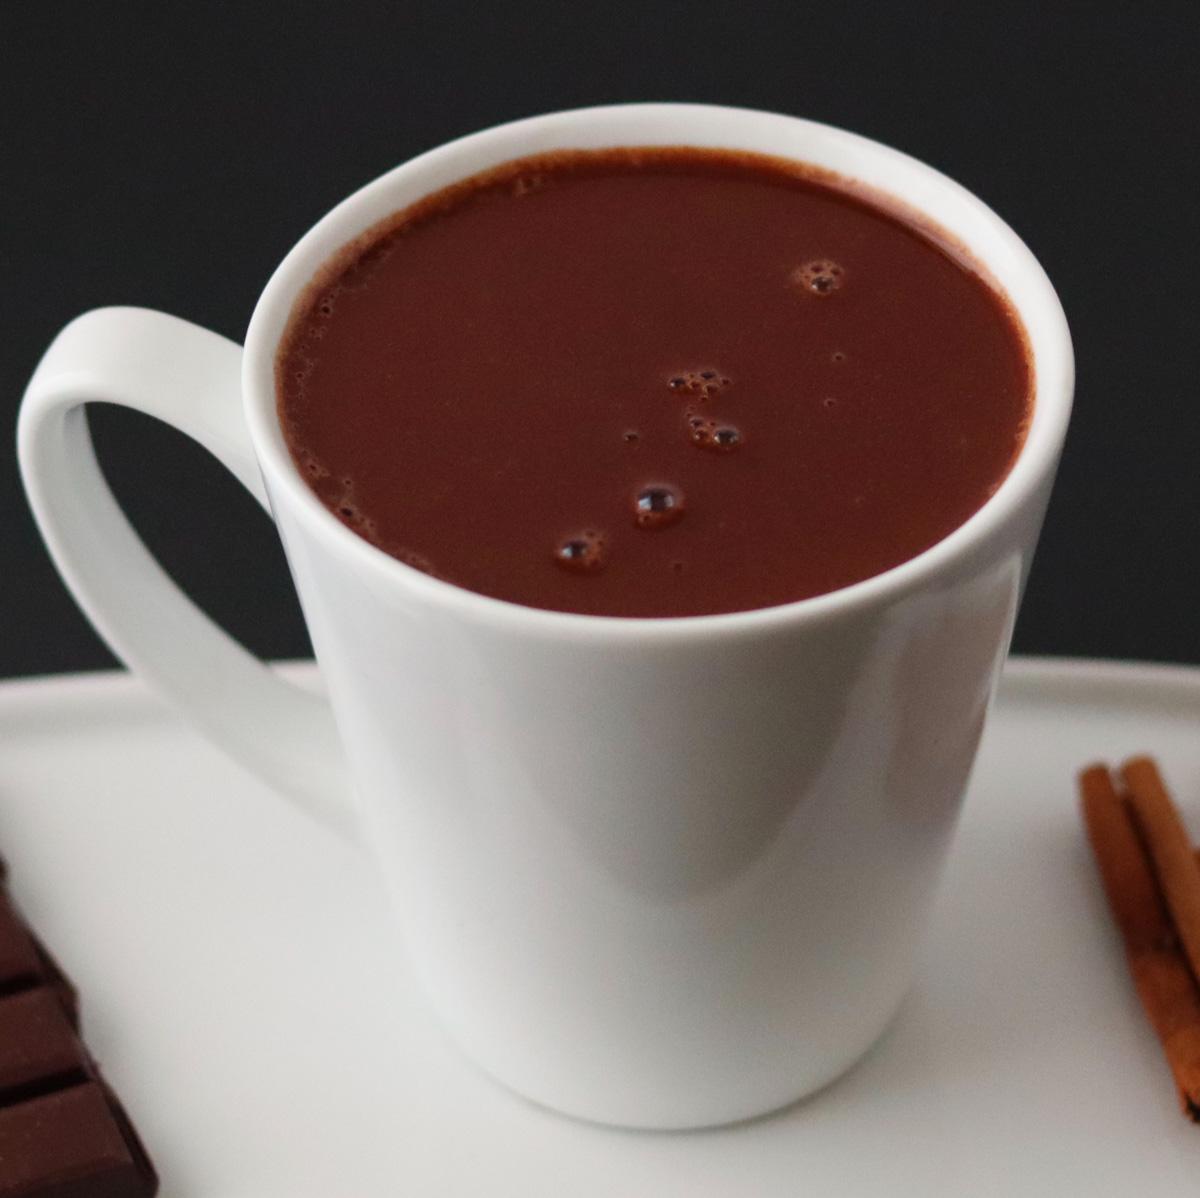 French hot chocolate (vegan, paleo)